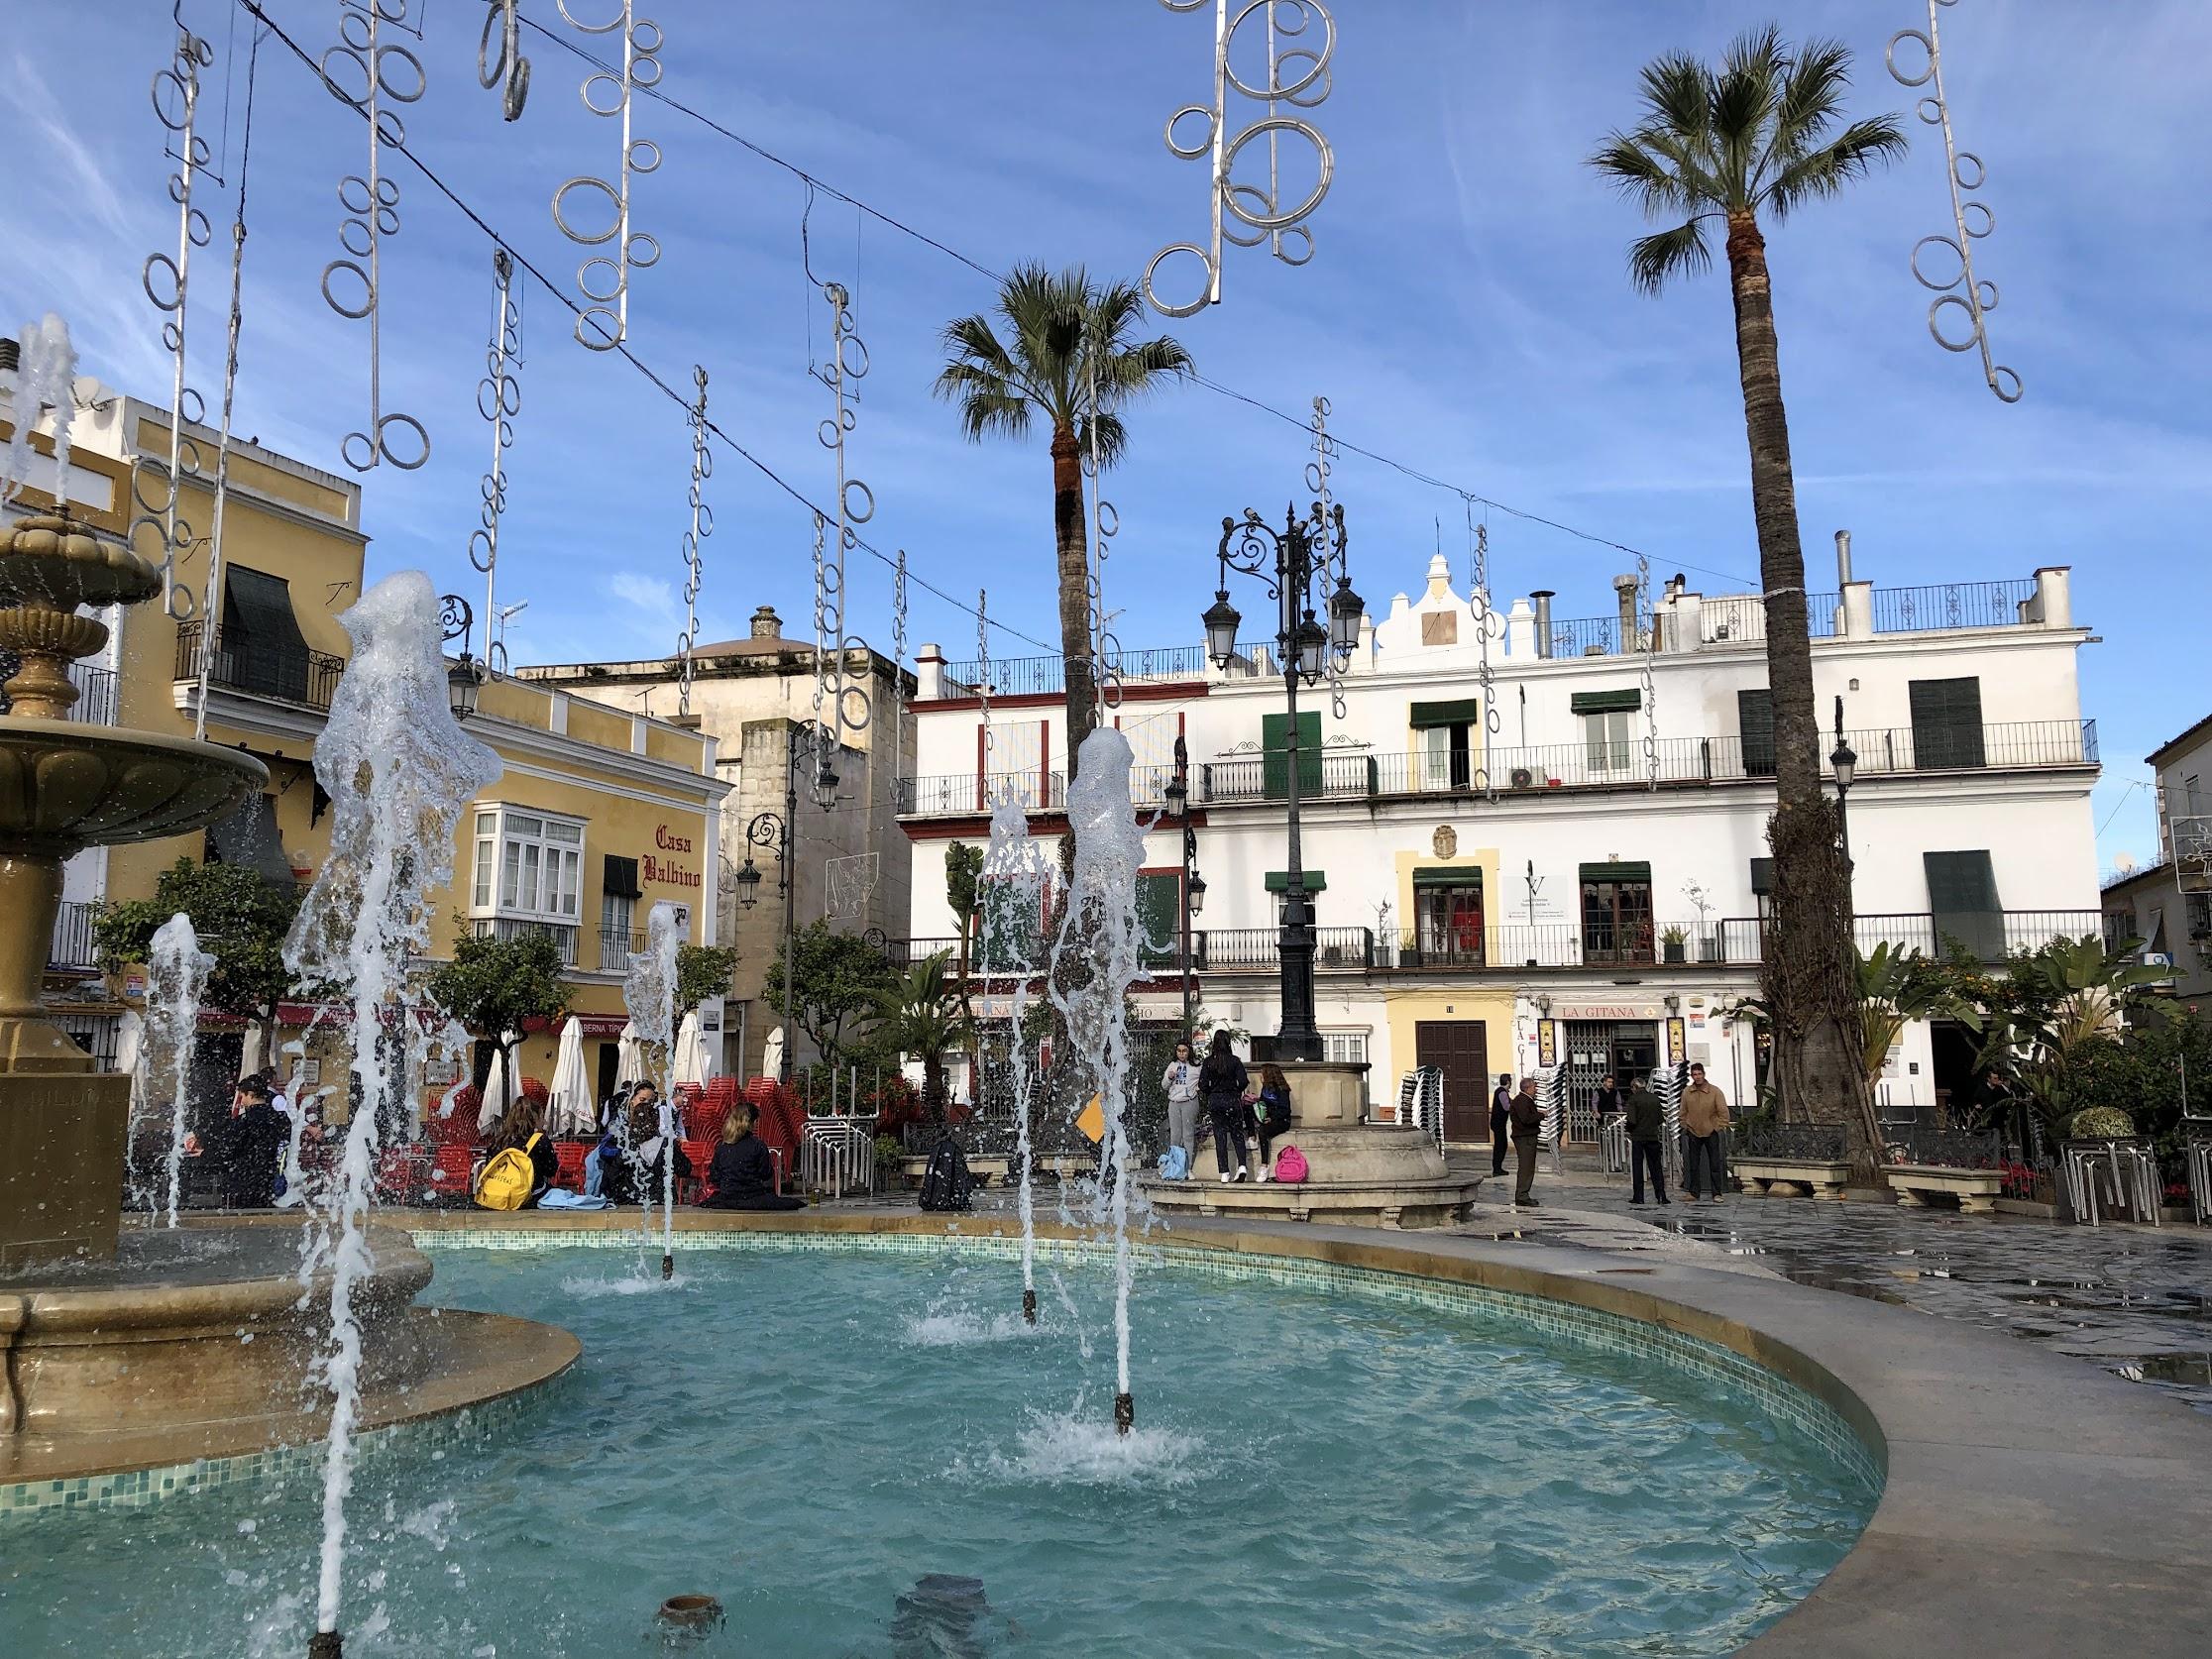 Piazza del Cabildo